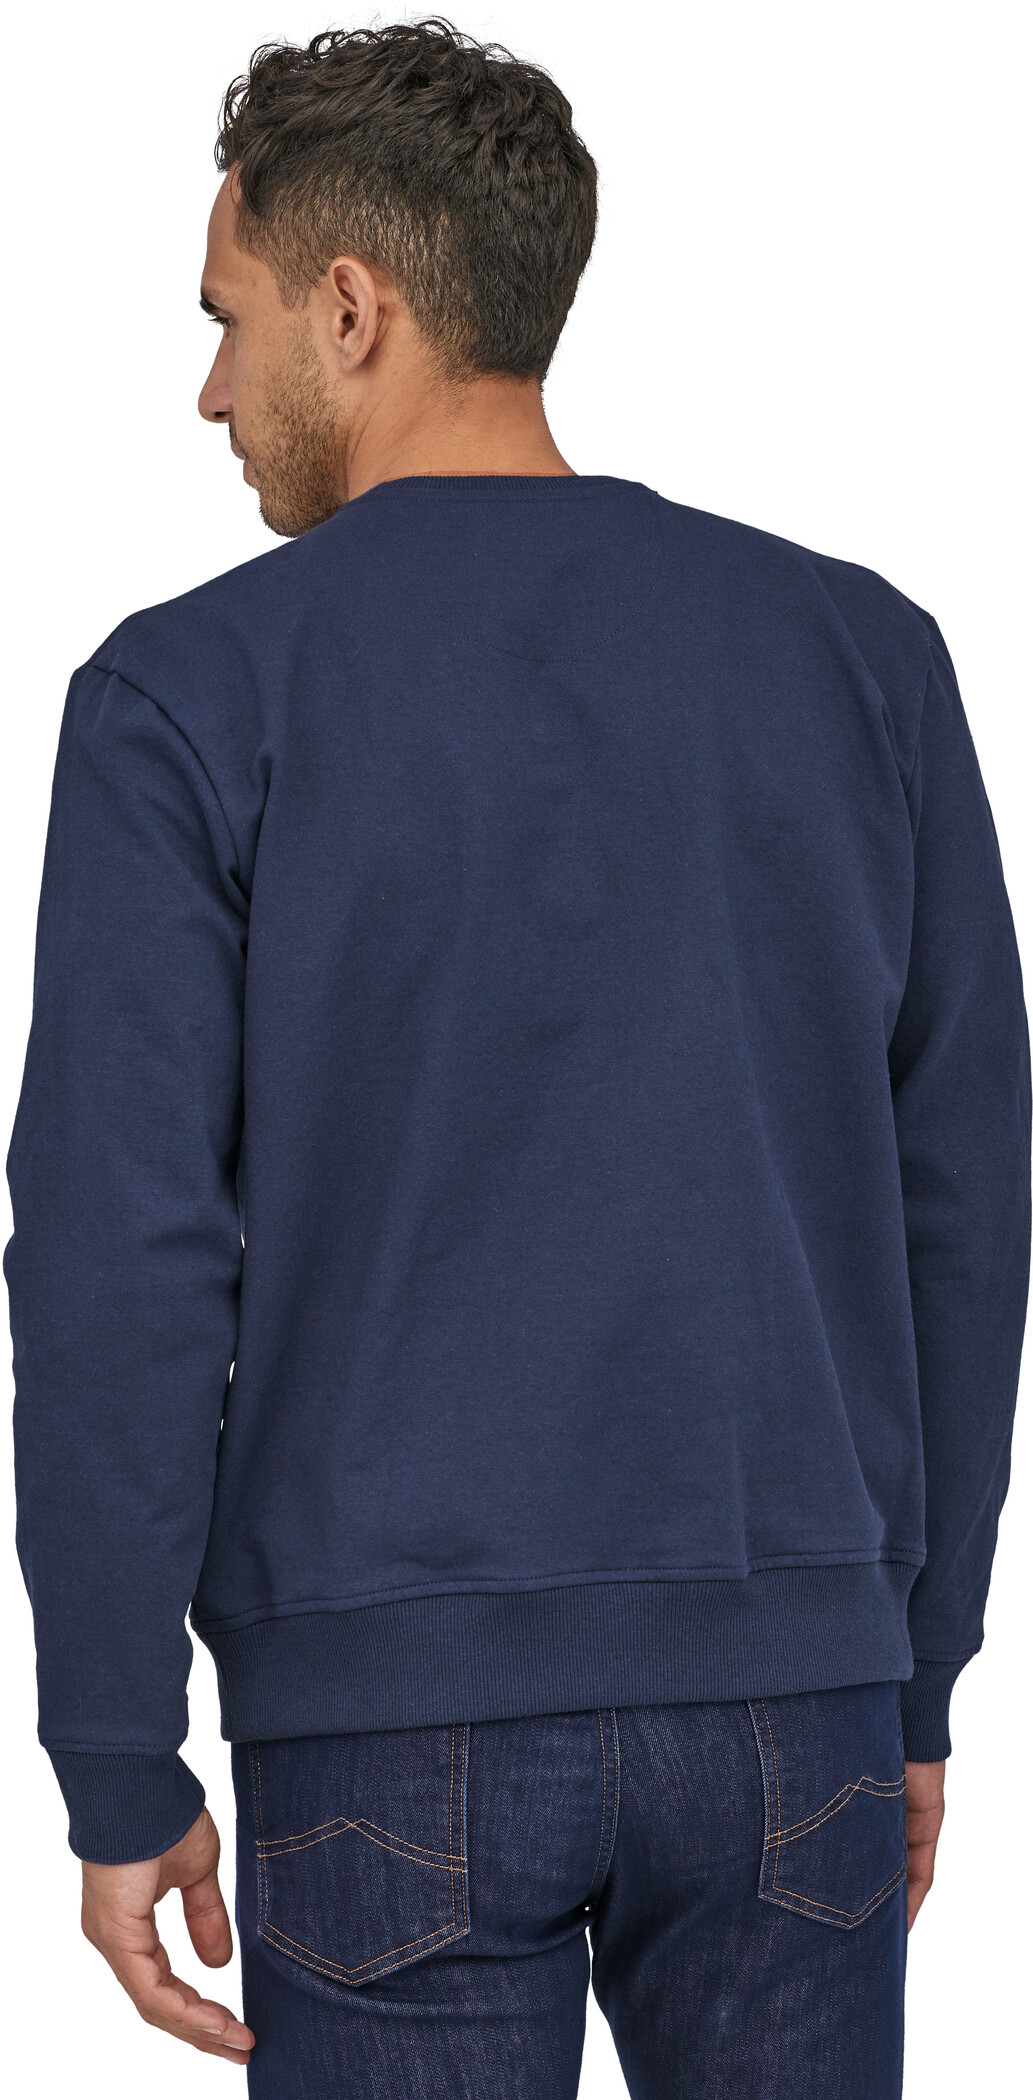 Patagonia Fitz Roy Horizons Uprisal Crew Sweatshirt Herr classic navy